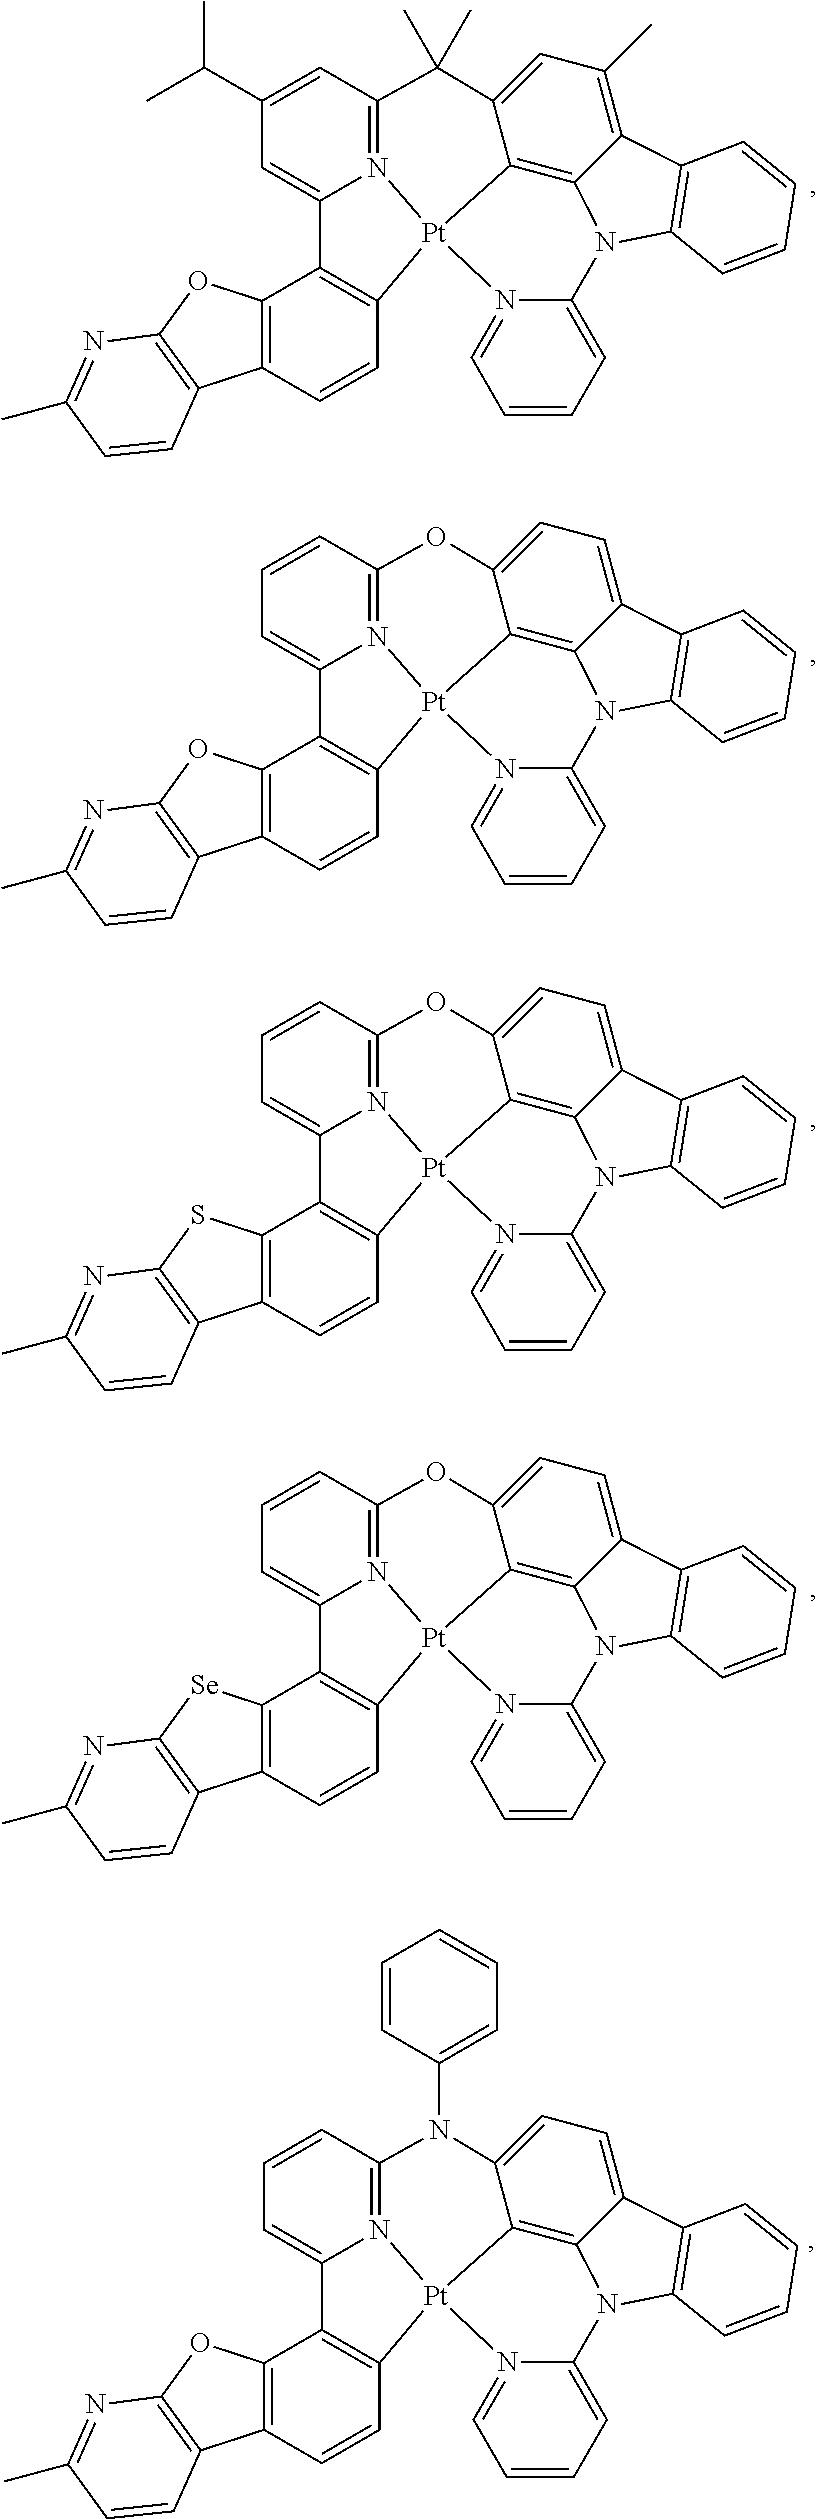 Figure US09871214-20180116-C00298